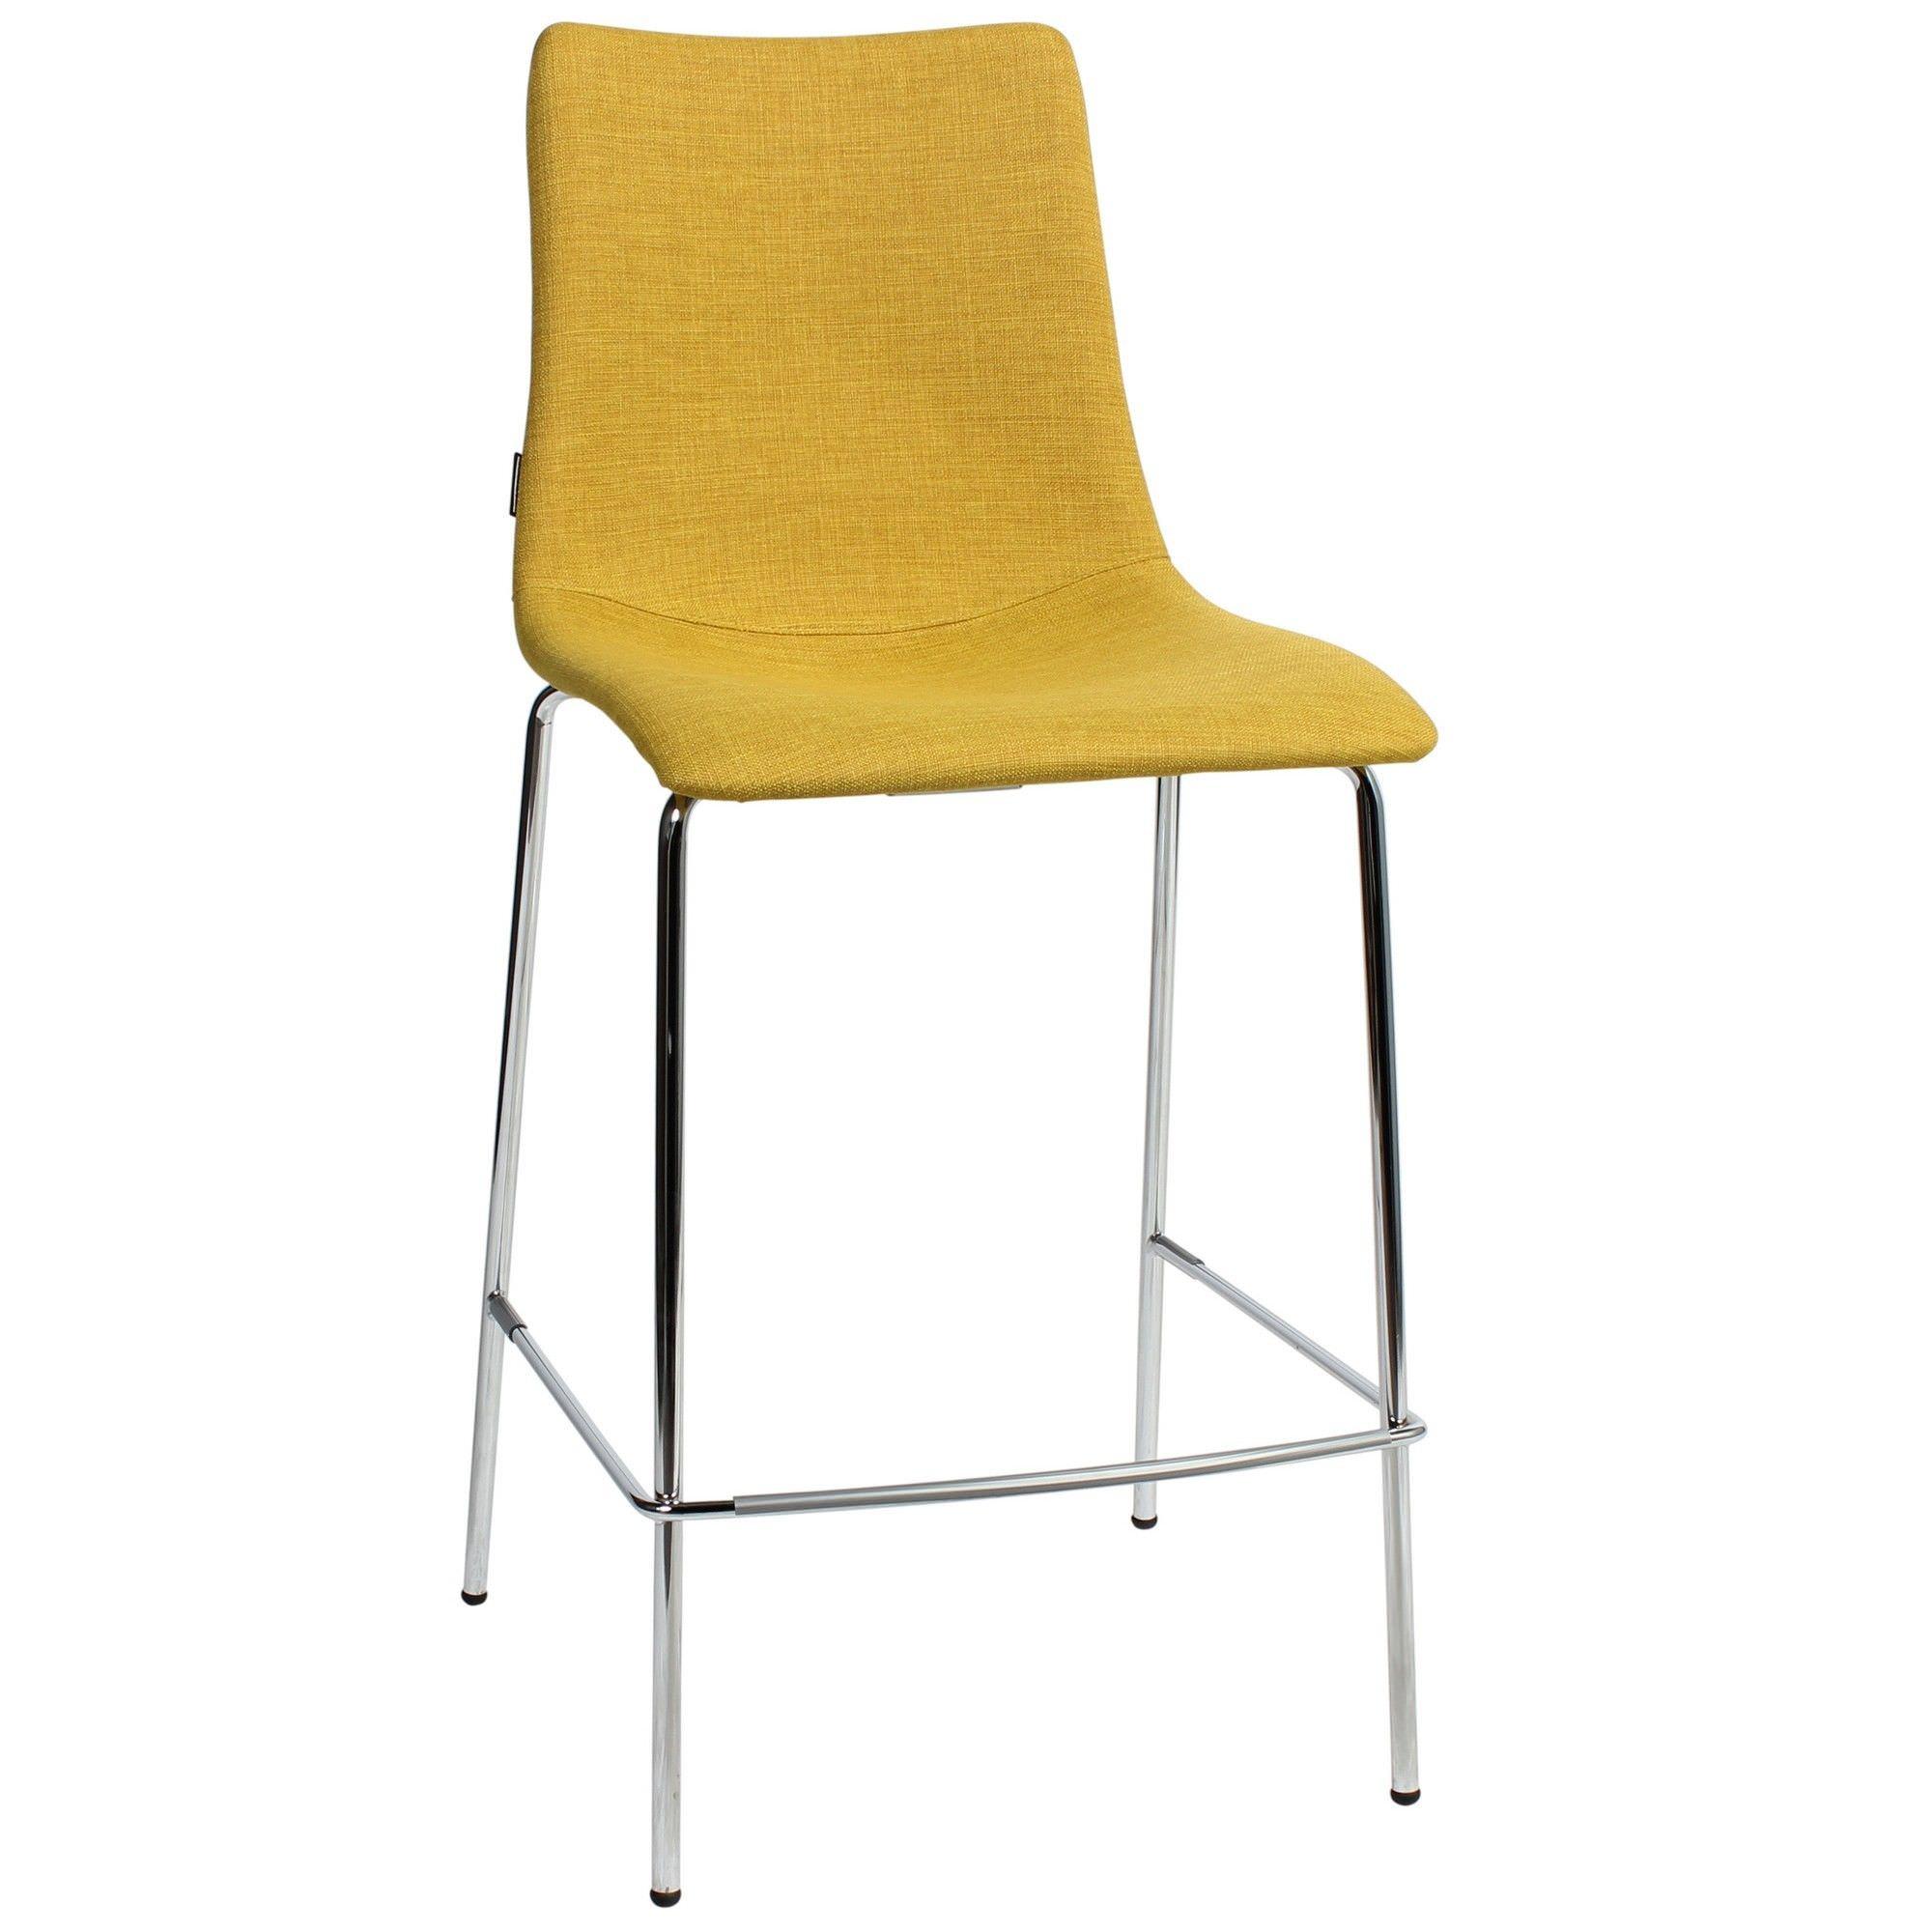 Zebra Pop Italian Made Commercial Grade Fabric Counter Stool, Metal Leg, Saffron / Chrome